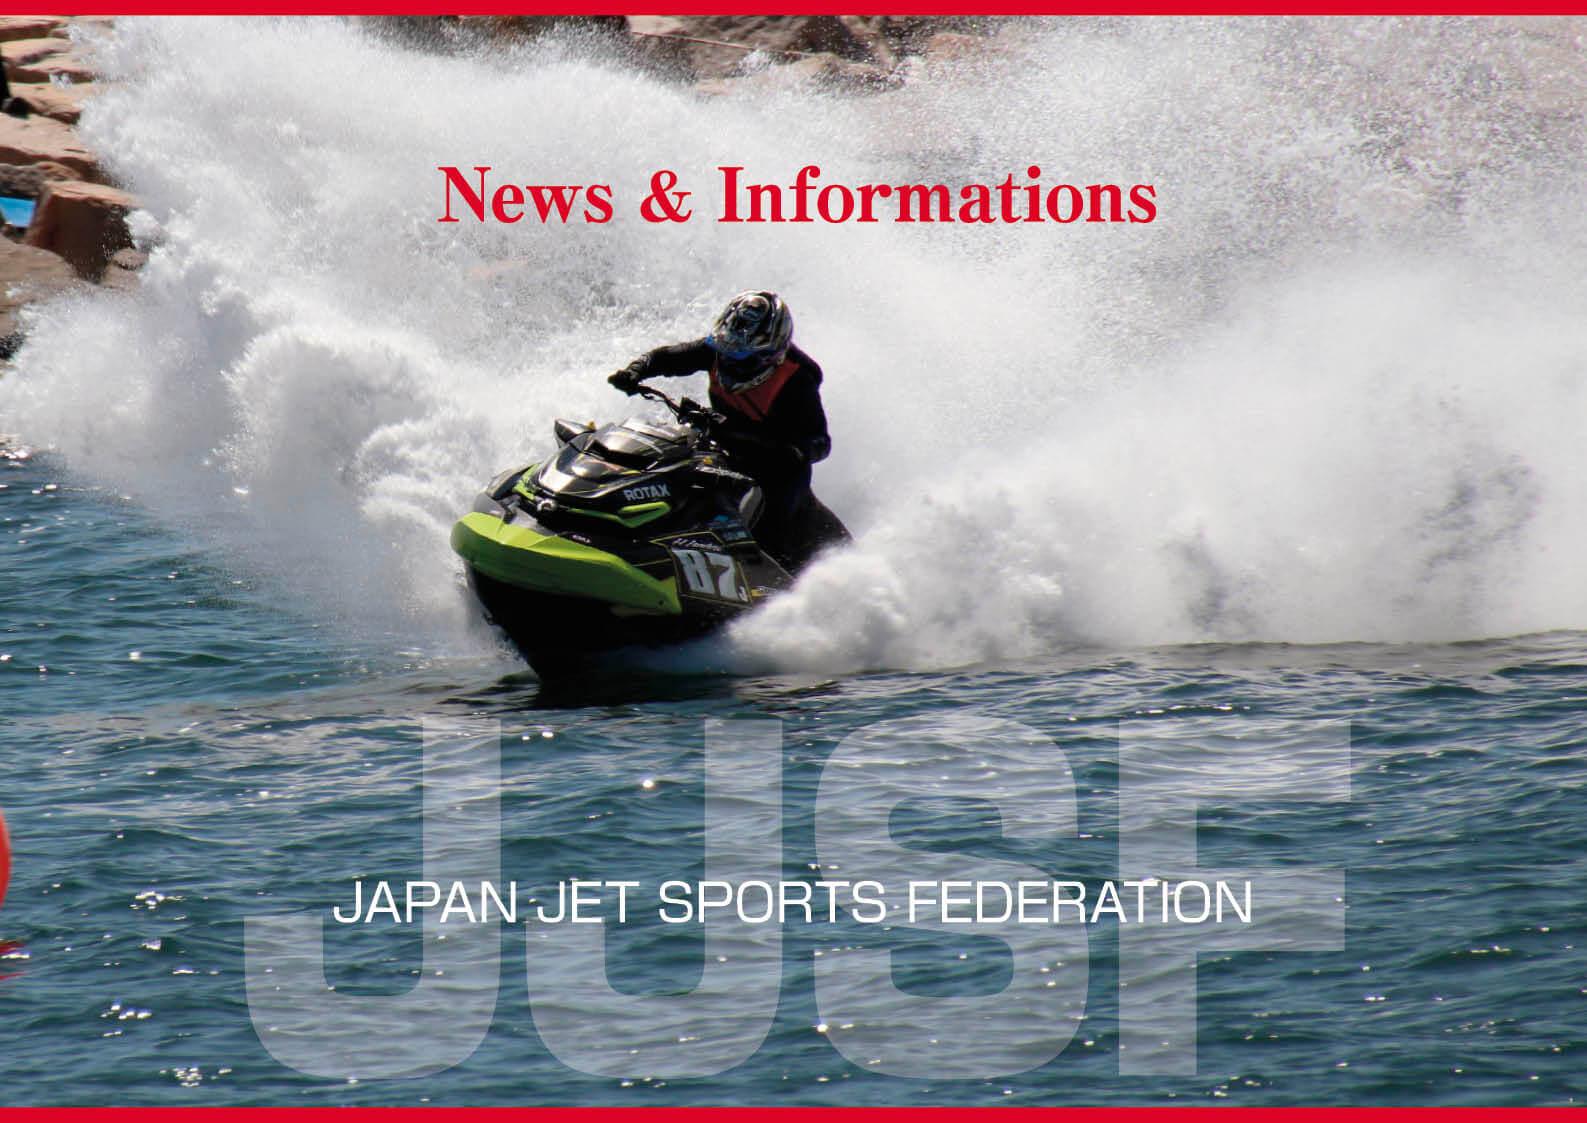 国内一流トレーラーブランド・MAXトレーラーの新作はここがスゴい ジェットスキー(水上バイク)